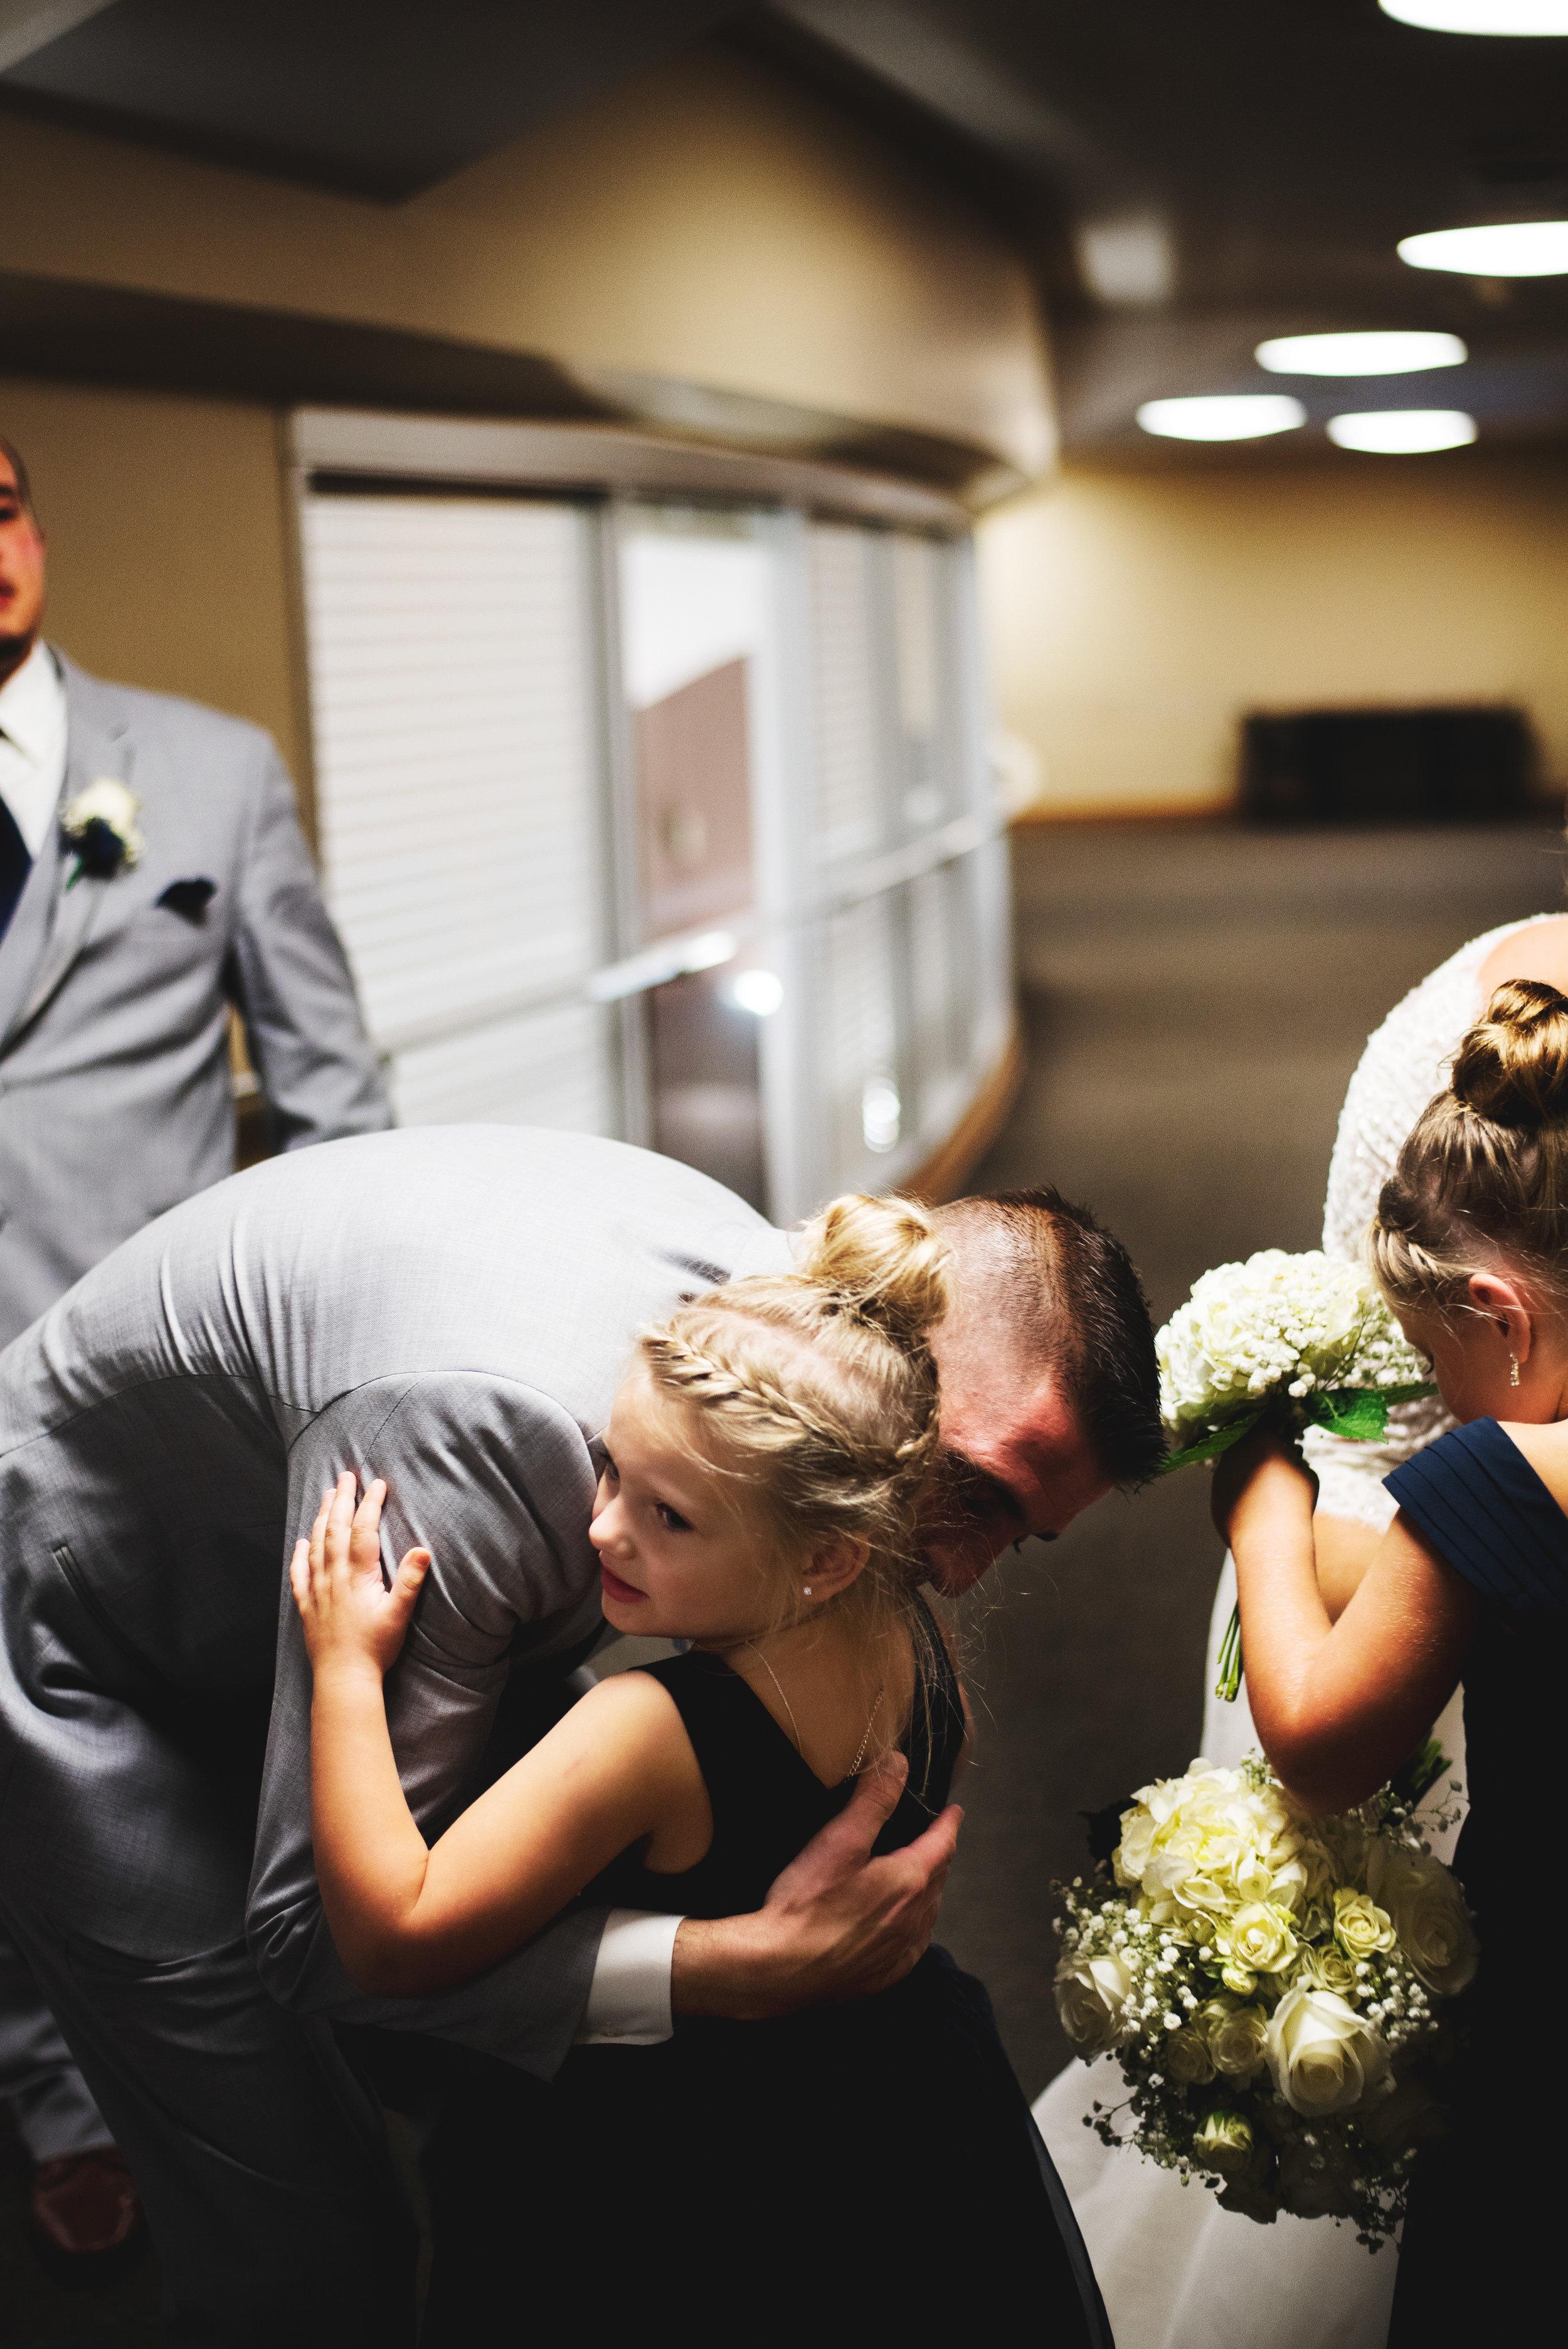 King-Northern-Illinois-University-Wedding082.jpg